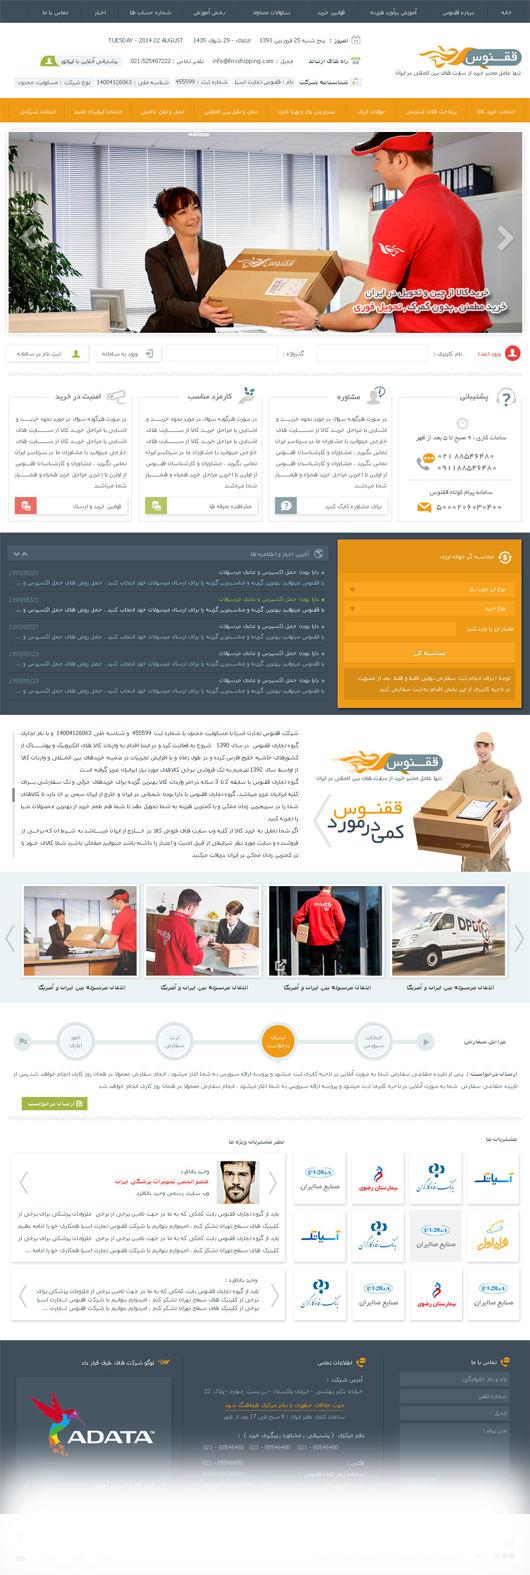 طراحی سایت شرکت ققنوس تجارت آسیا